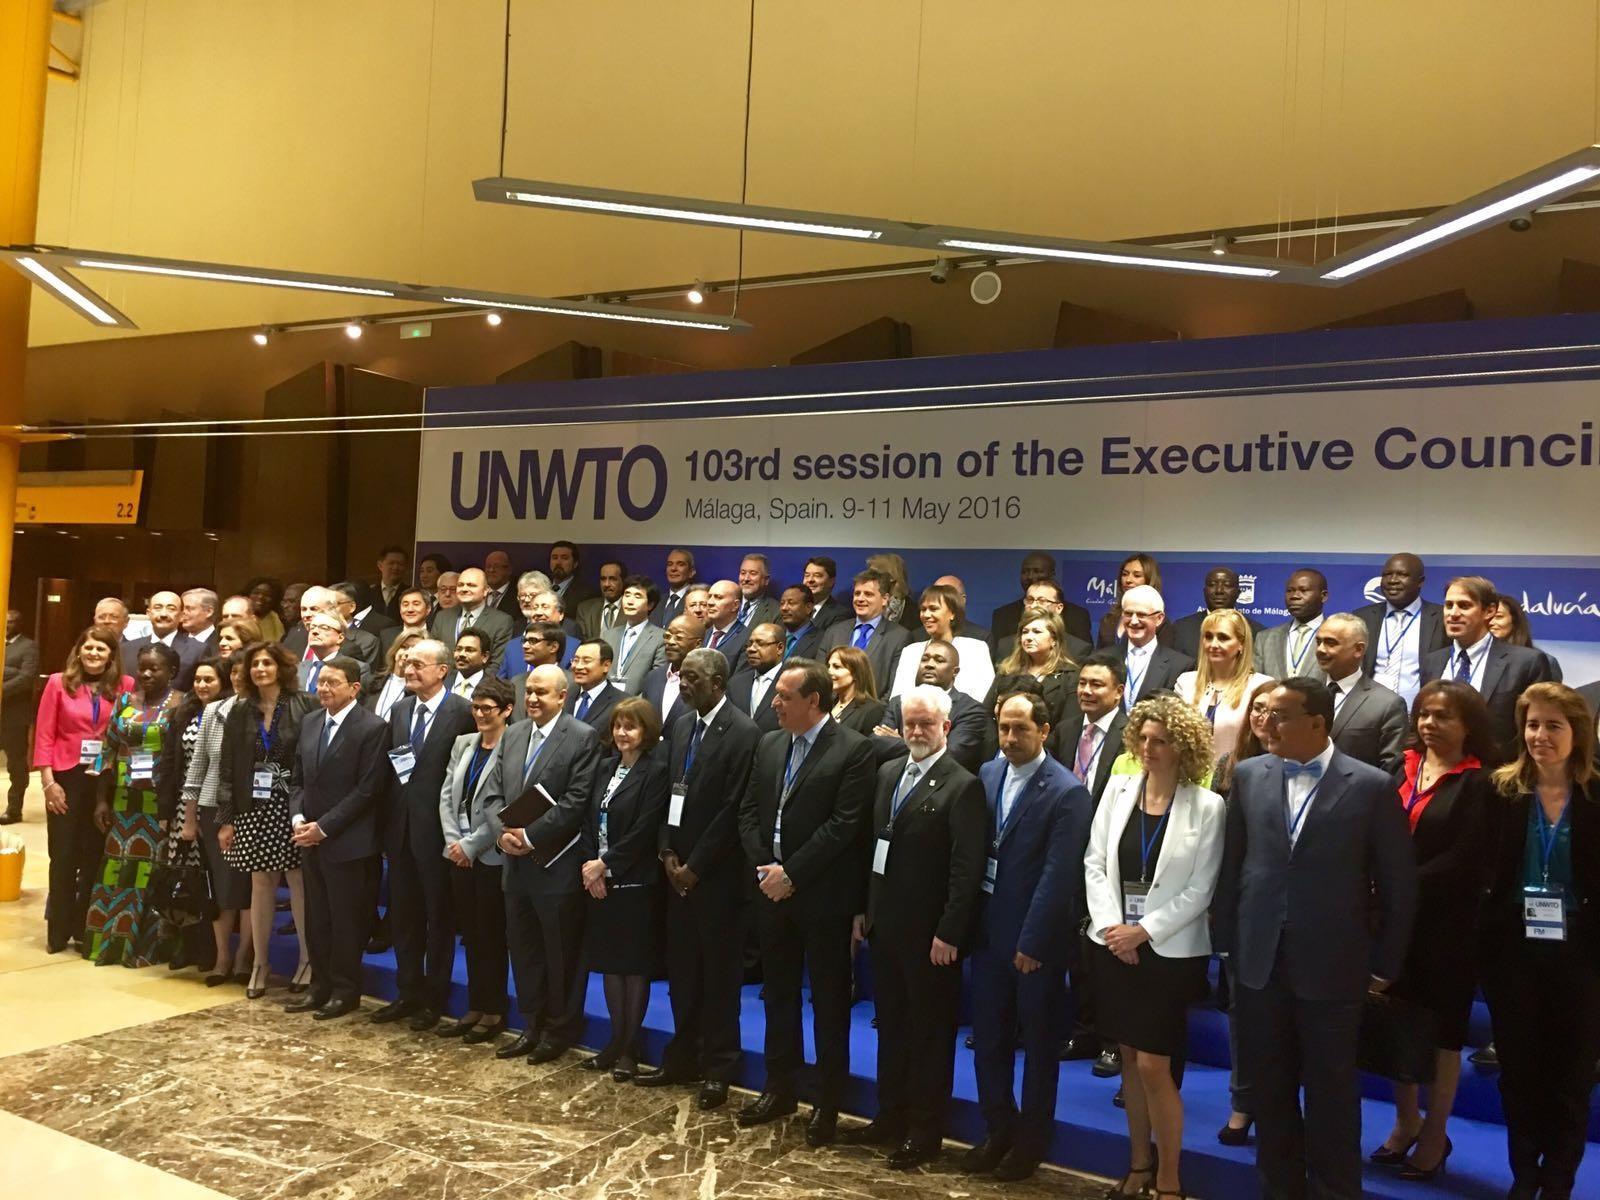 El Consejo Ejecutivo de la OMT se reúne en Málaga para debatir sobre el futuro del sector